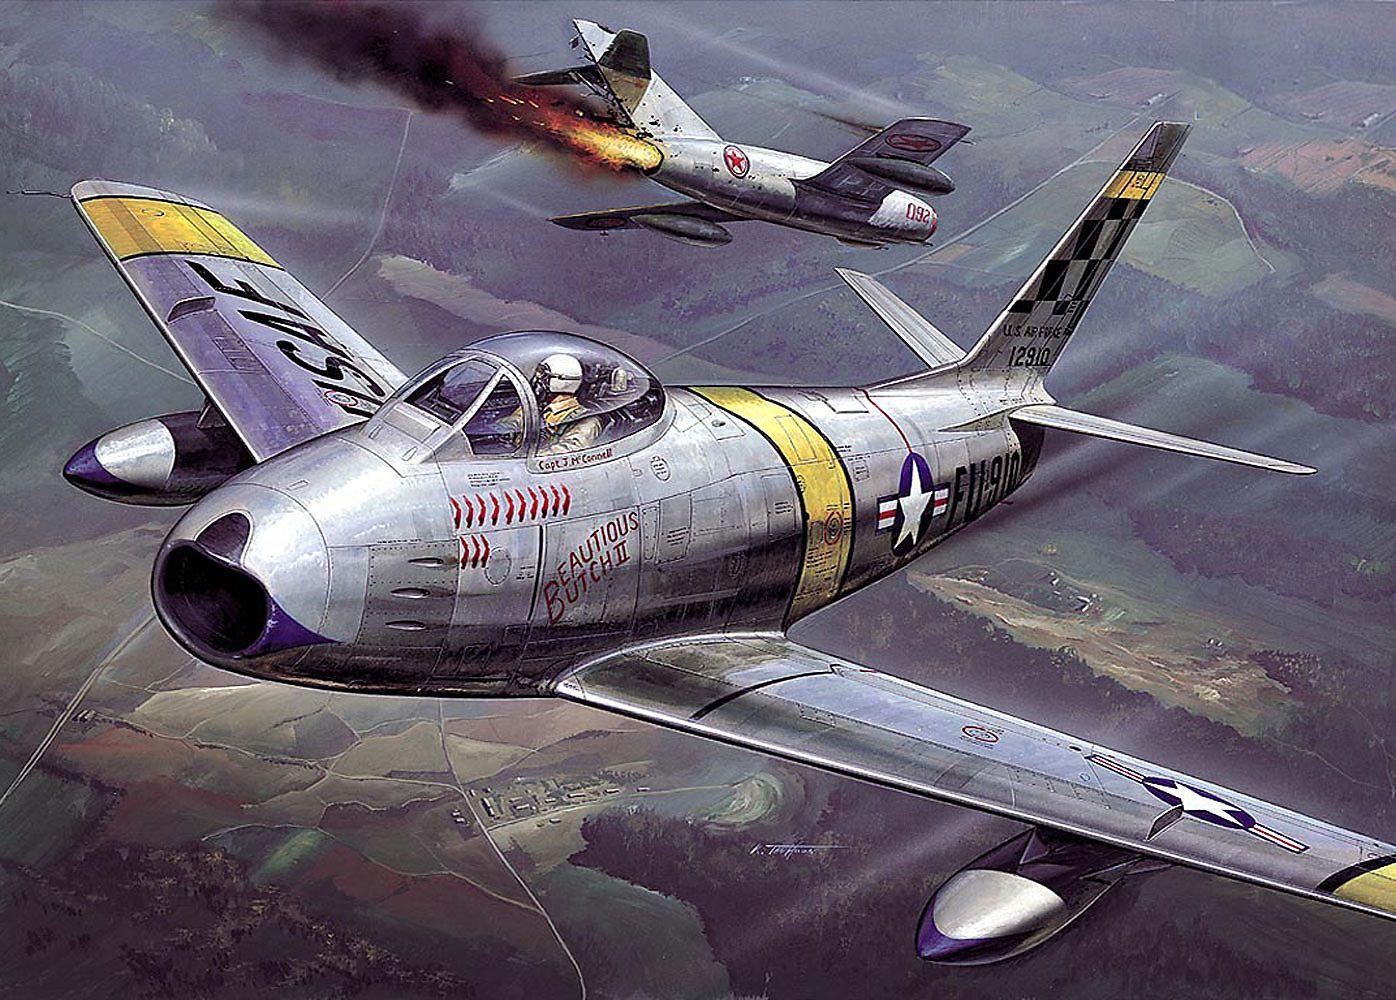 """So lang her: Illustration einer F-86 """"Sabre"""" im Luftkampf über Korea gegen MiG-15 (Koreakrieg, 1950-1953)"""